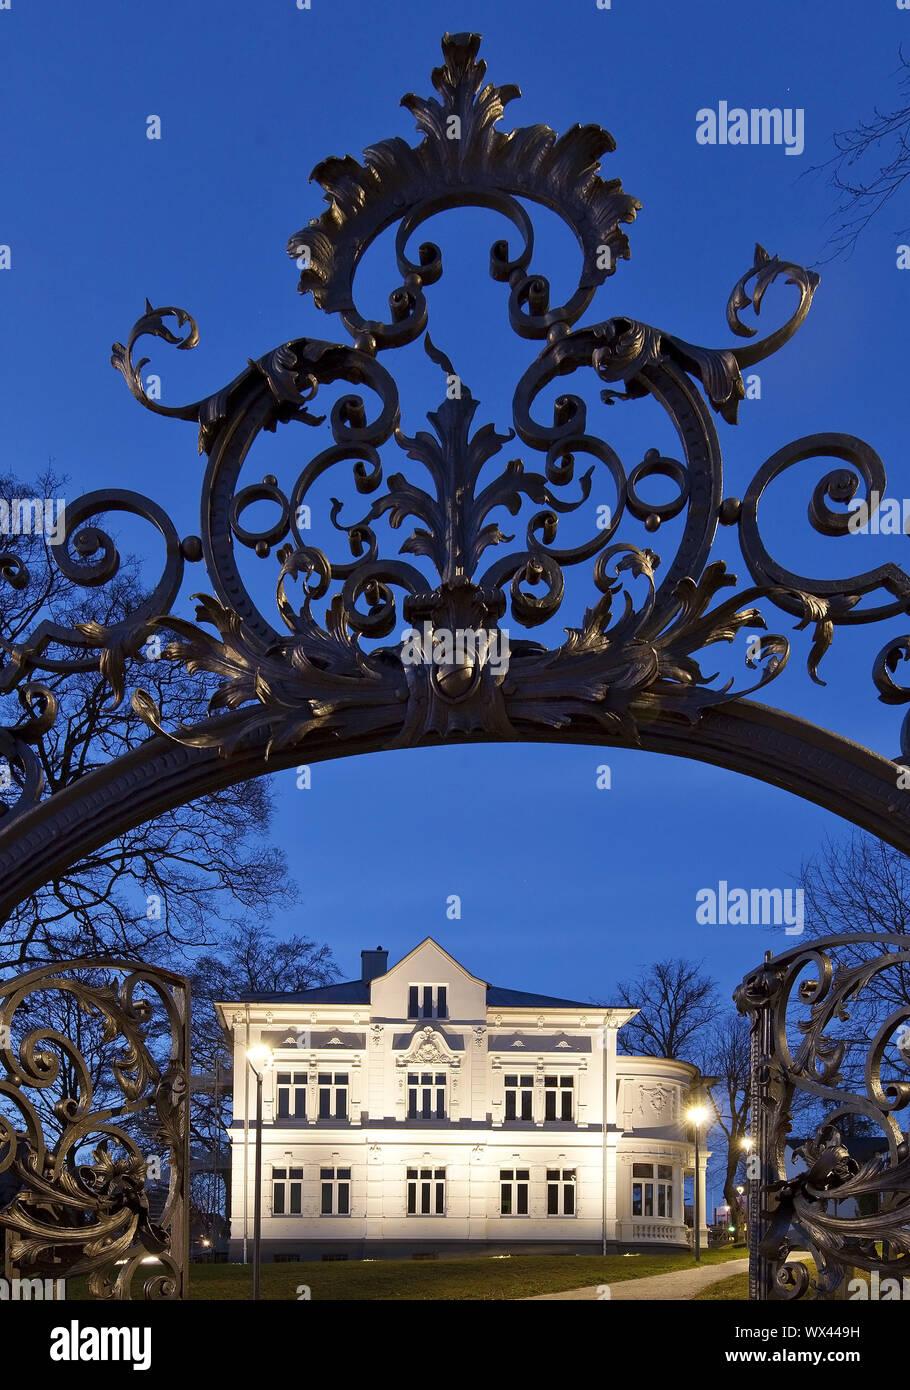 Villa Wippermann, regionale Heimatmuseum, Halver, Sauerland, Deutschland, Europa Stockfoto